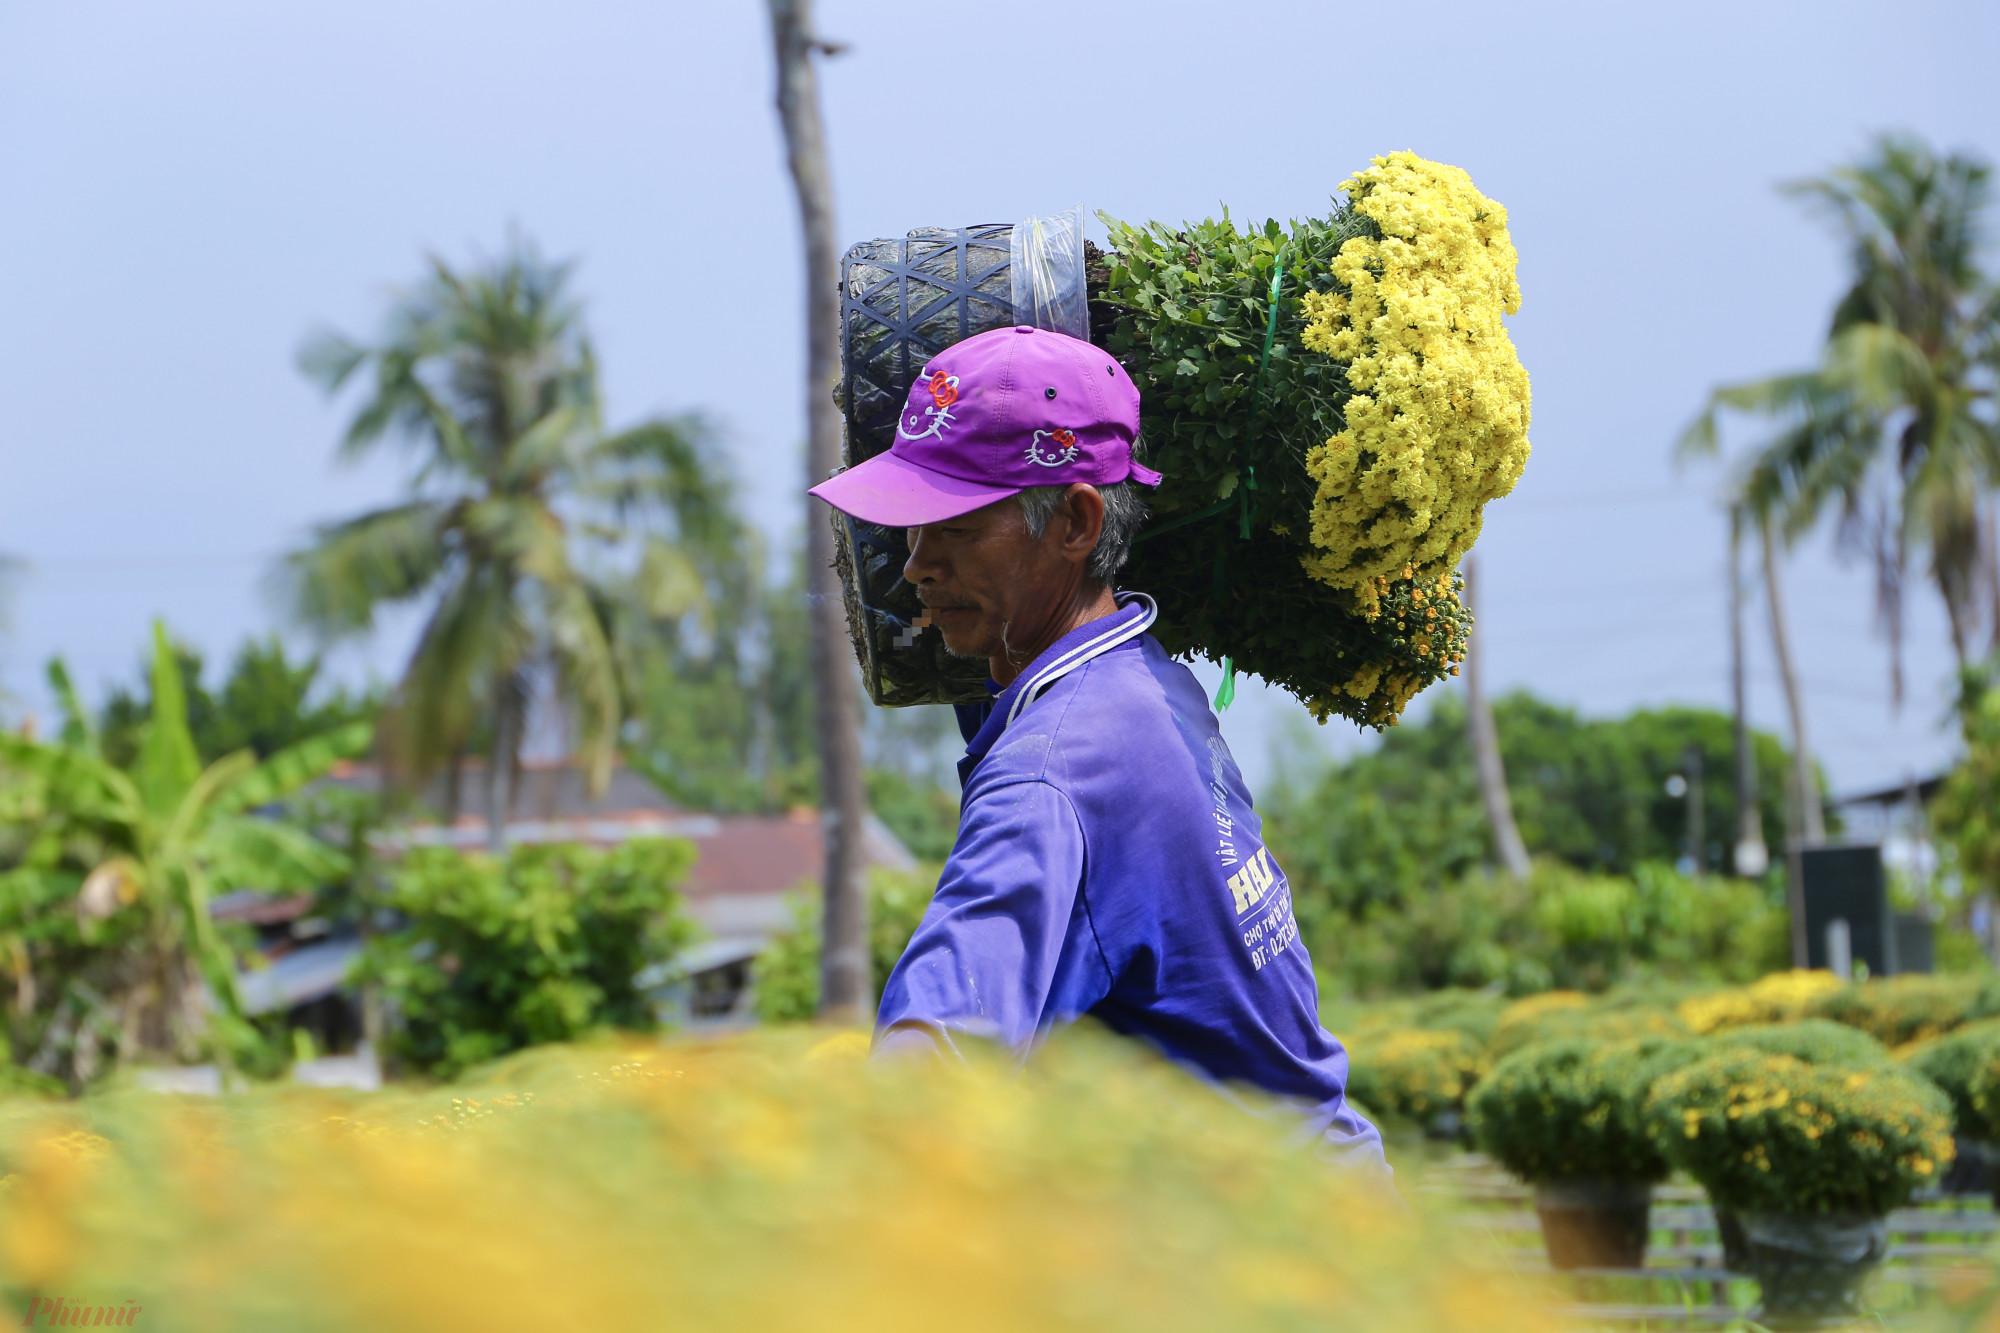 Những người nông dân làm việc không ngơi nghỉ trong những ngày cận Tết để hoa kịp đến các chợ.